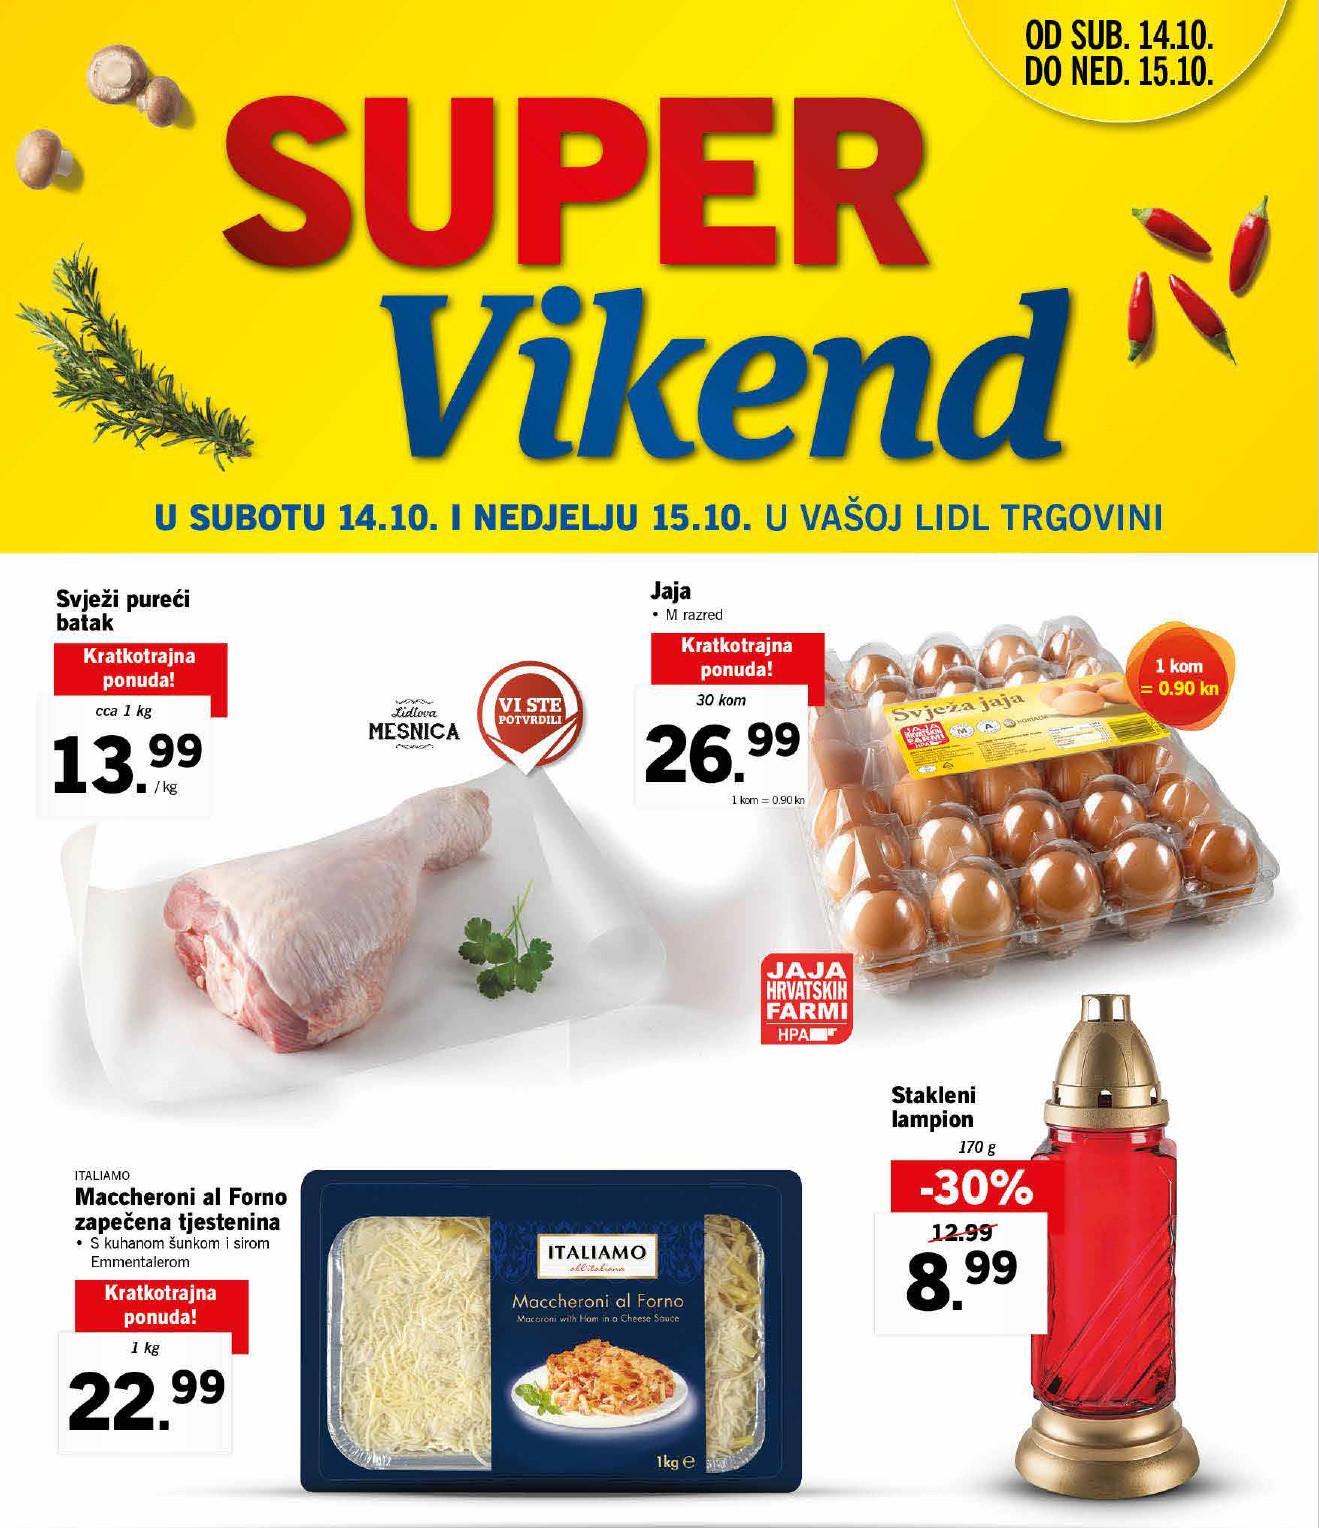 Novi super popusti na odabrane proizvode u Lidlovom Super vikendu od 14.-15.10.2017. godine.